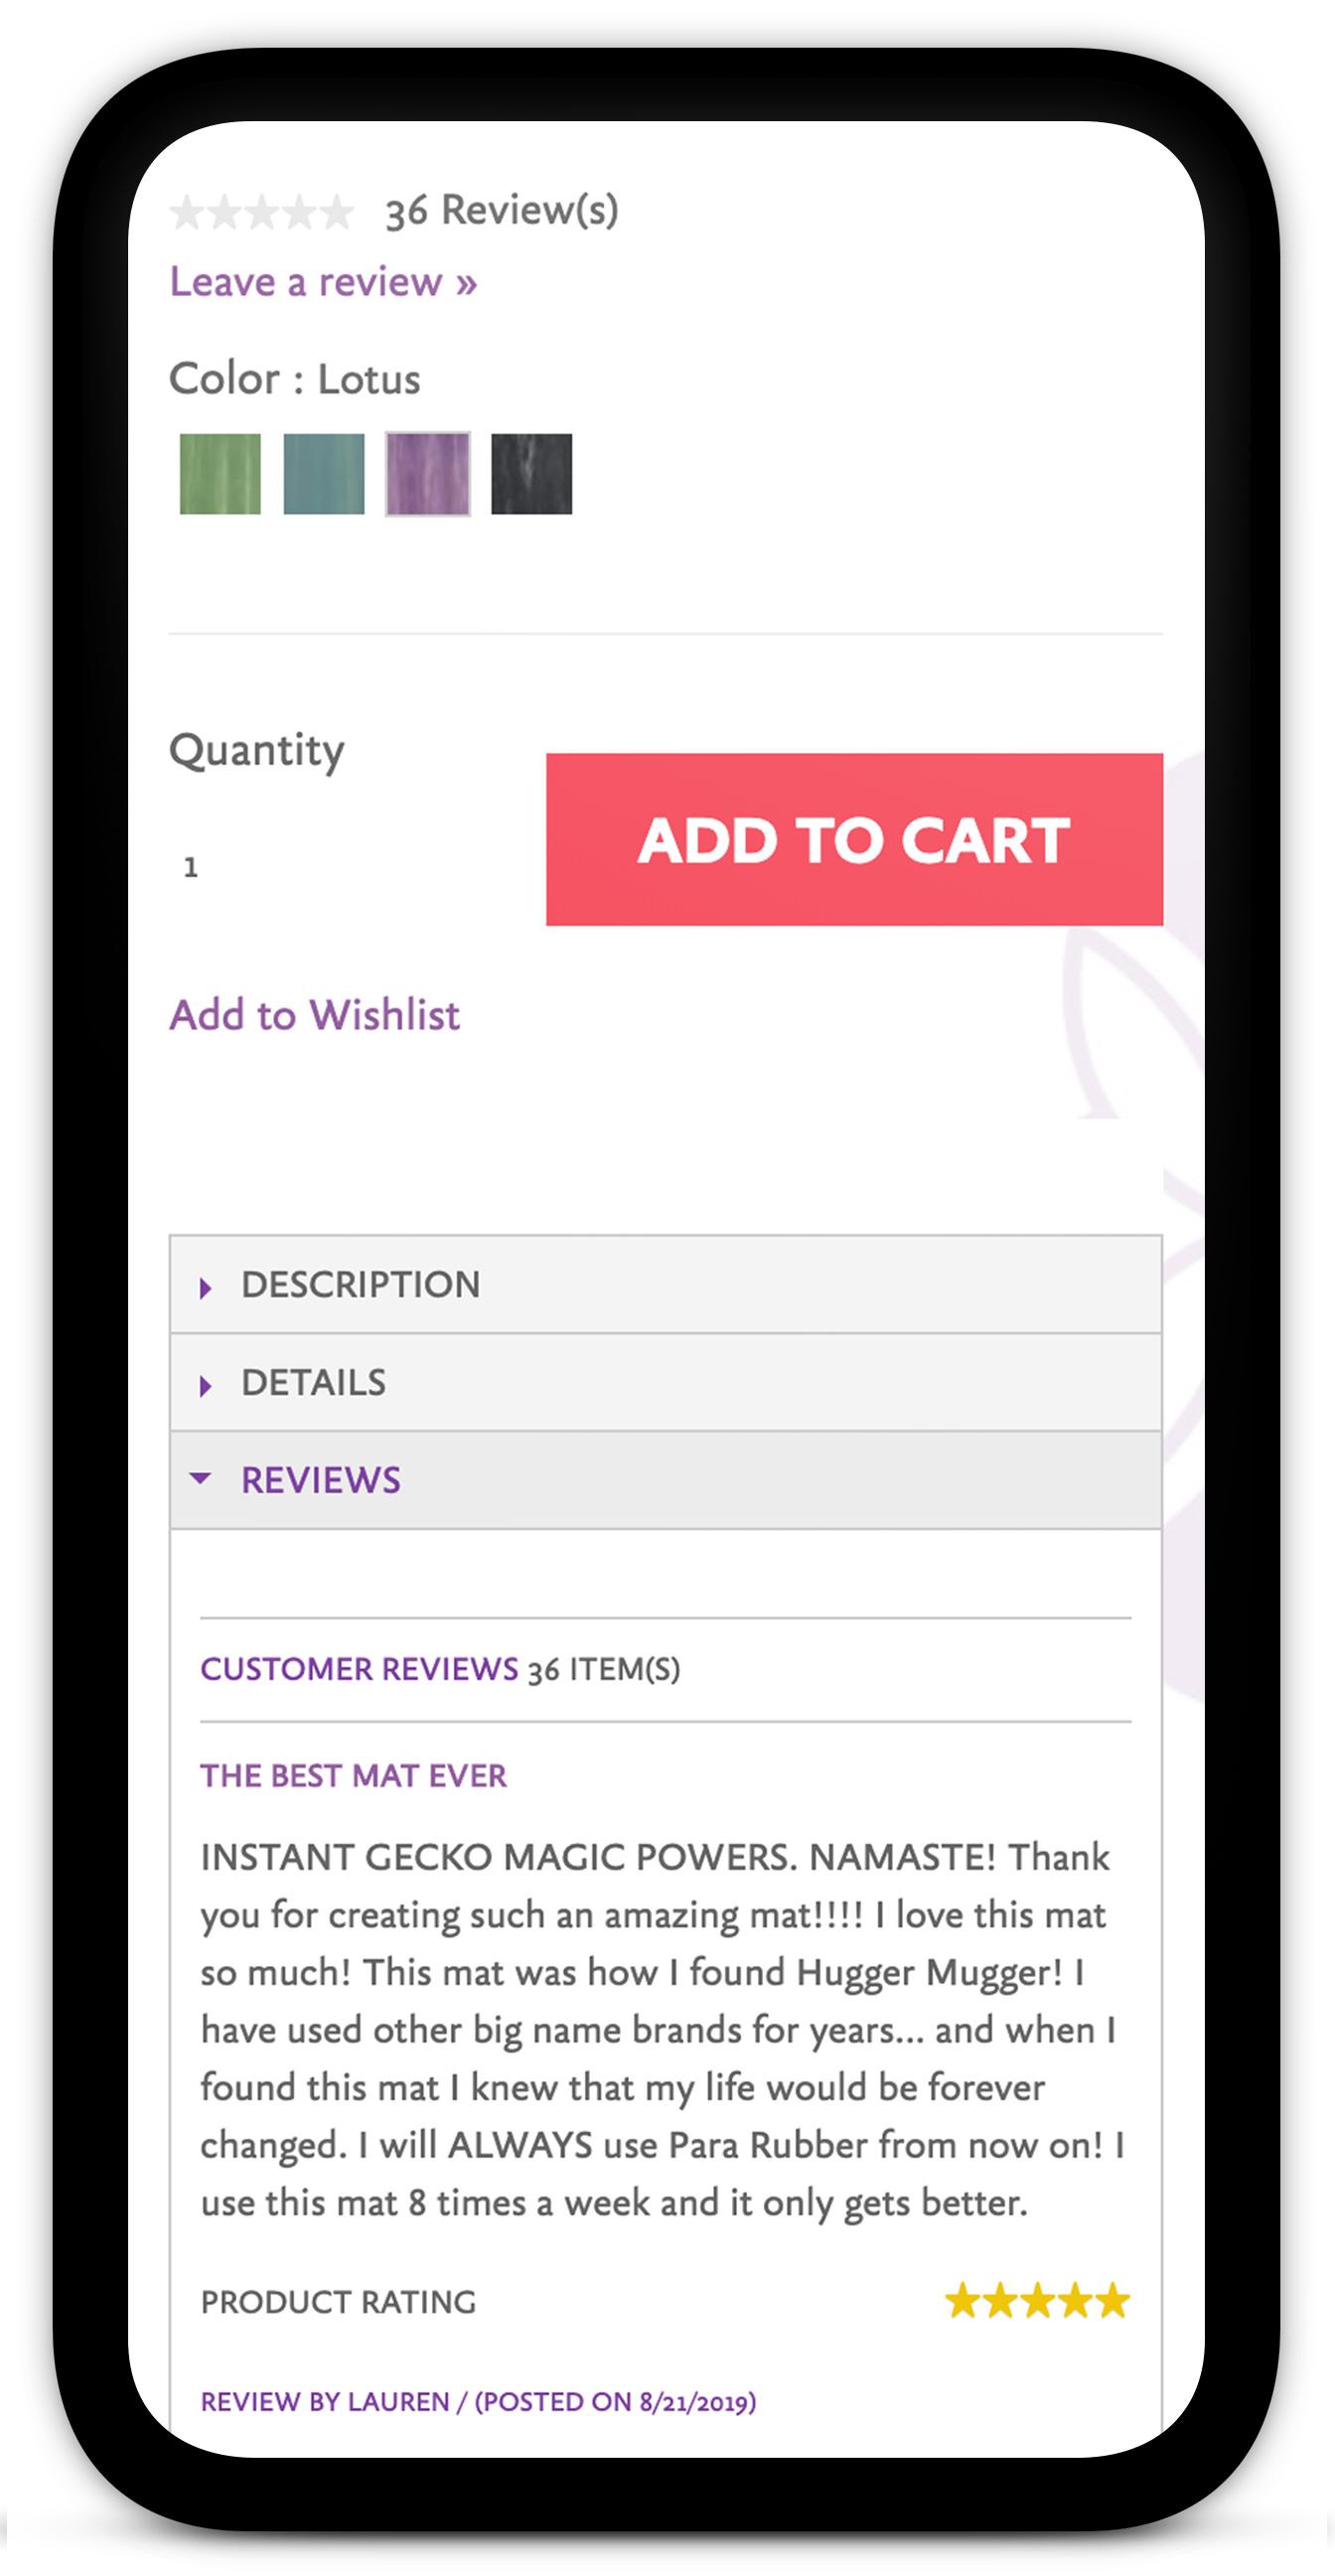 Hugger Mugger-Mobile-Frontal-Mockup-Reviews.jpg